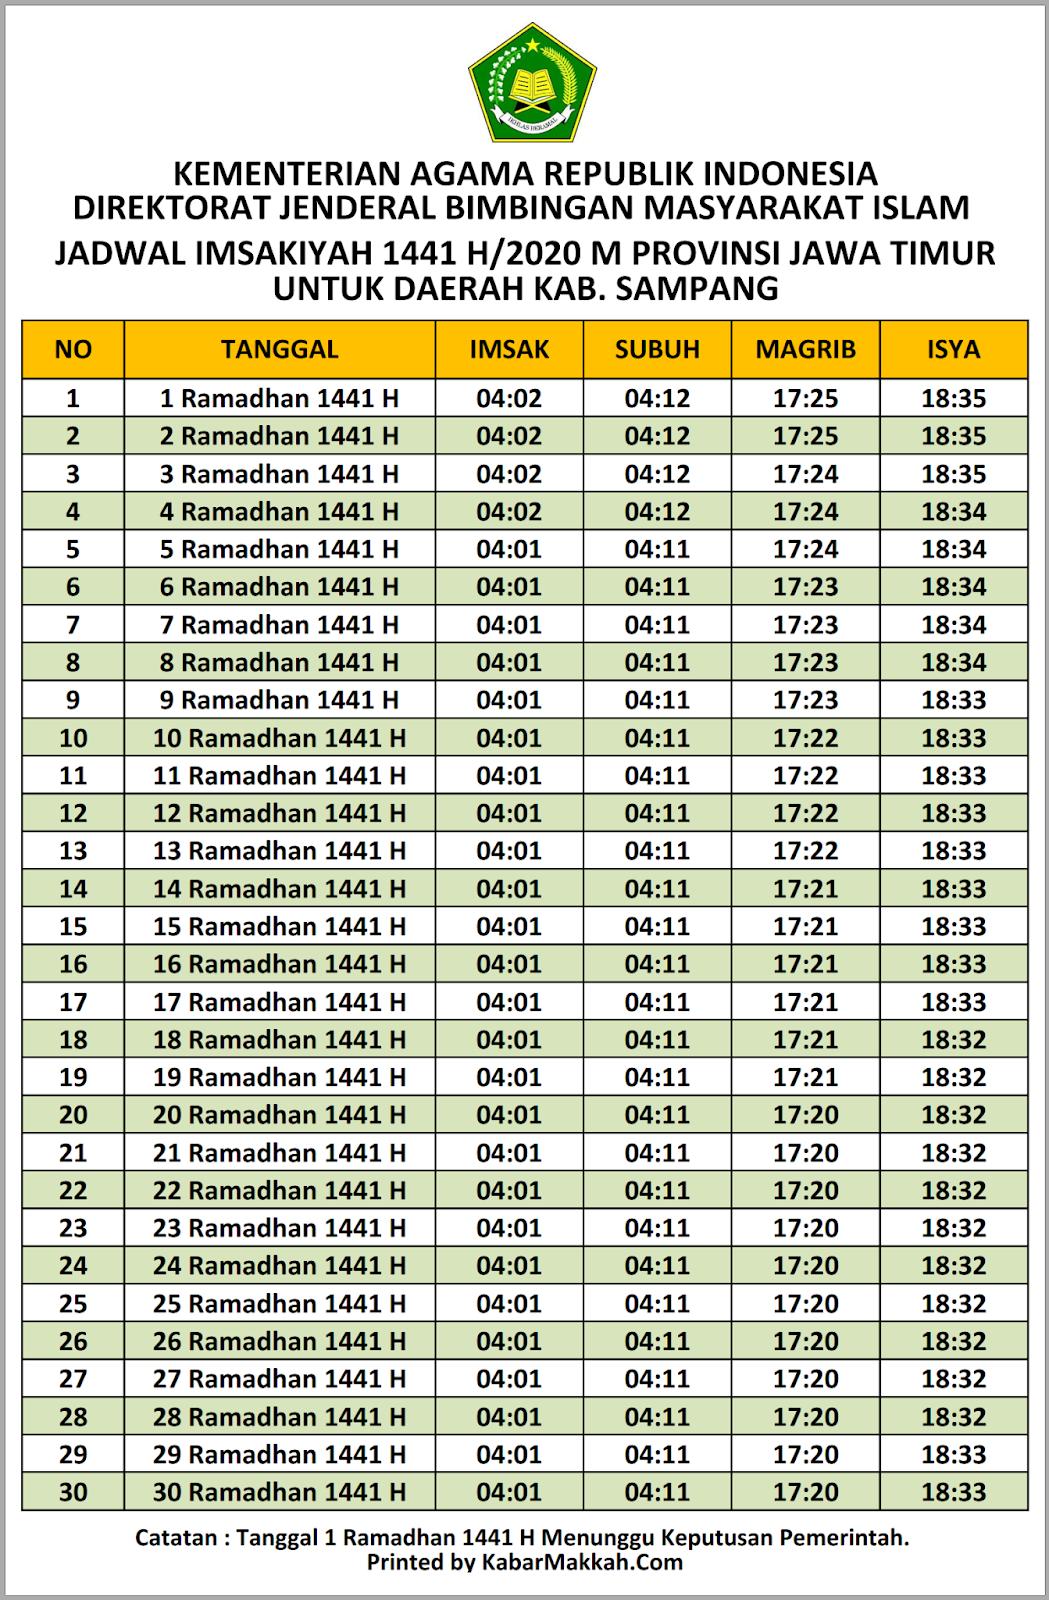 Jadwal Imsakiyah Sampang 2020